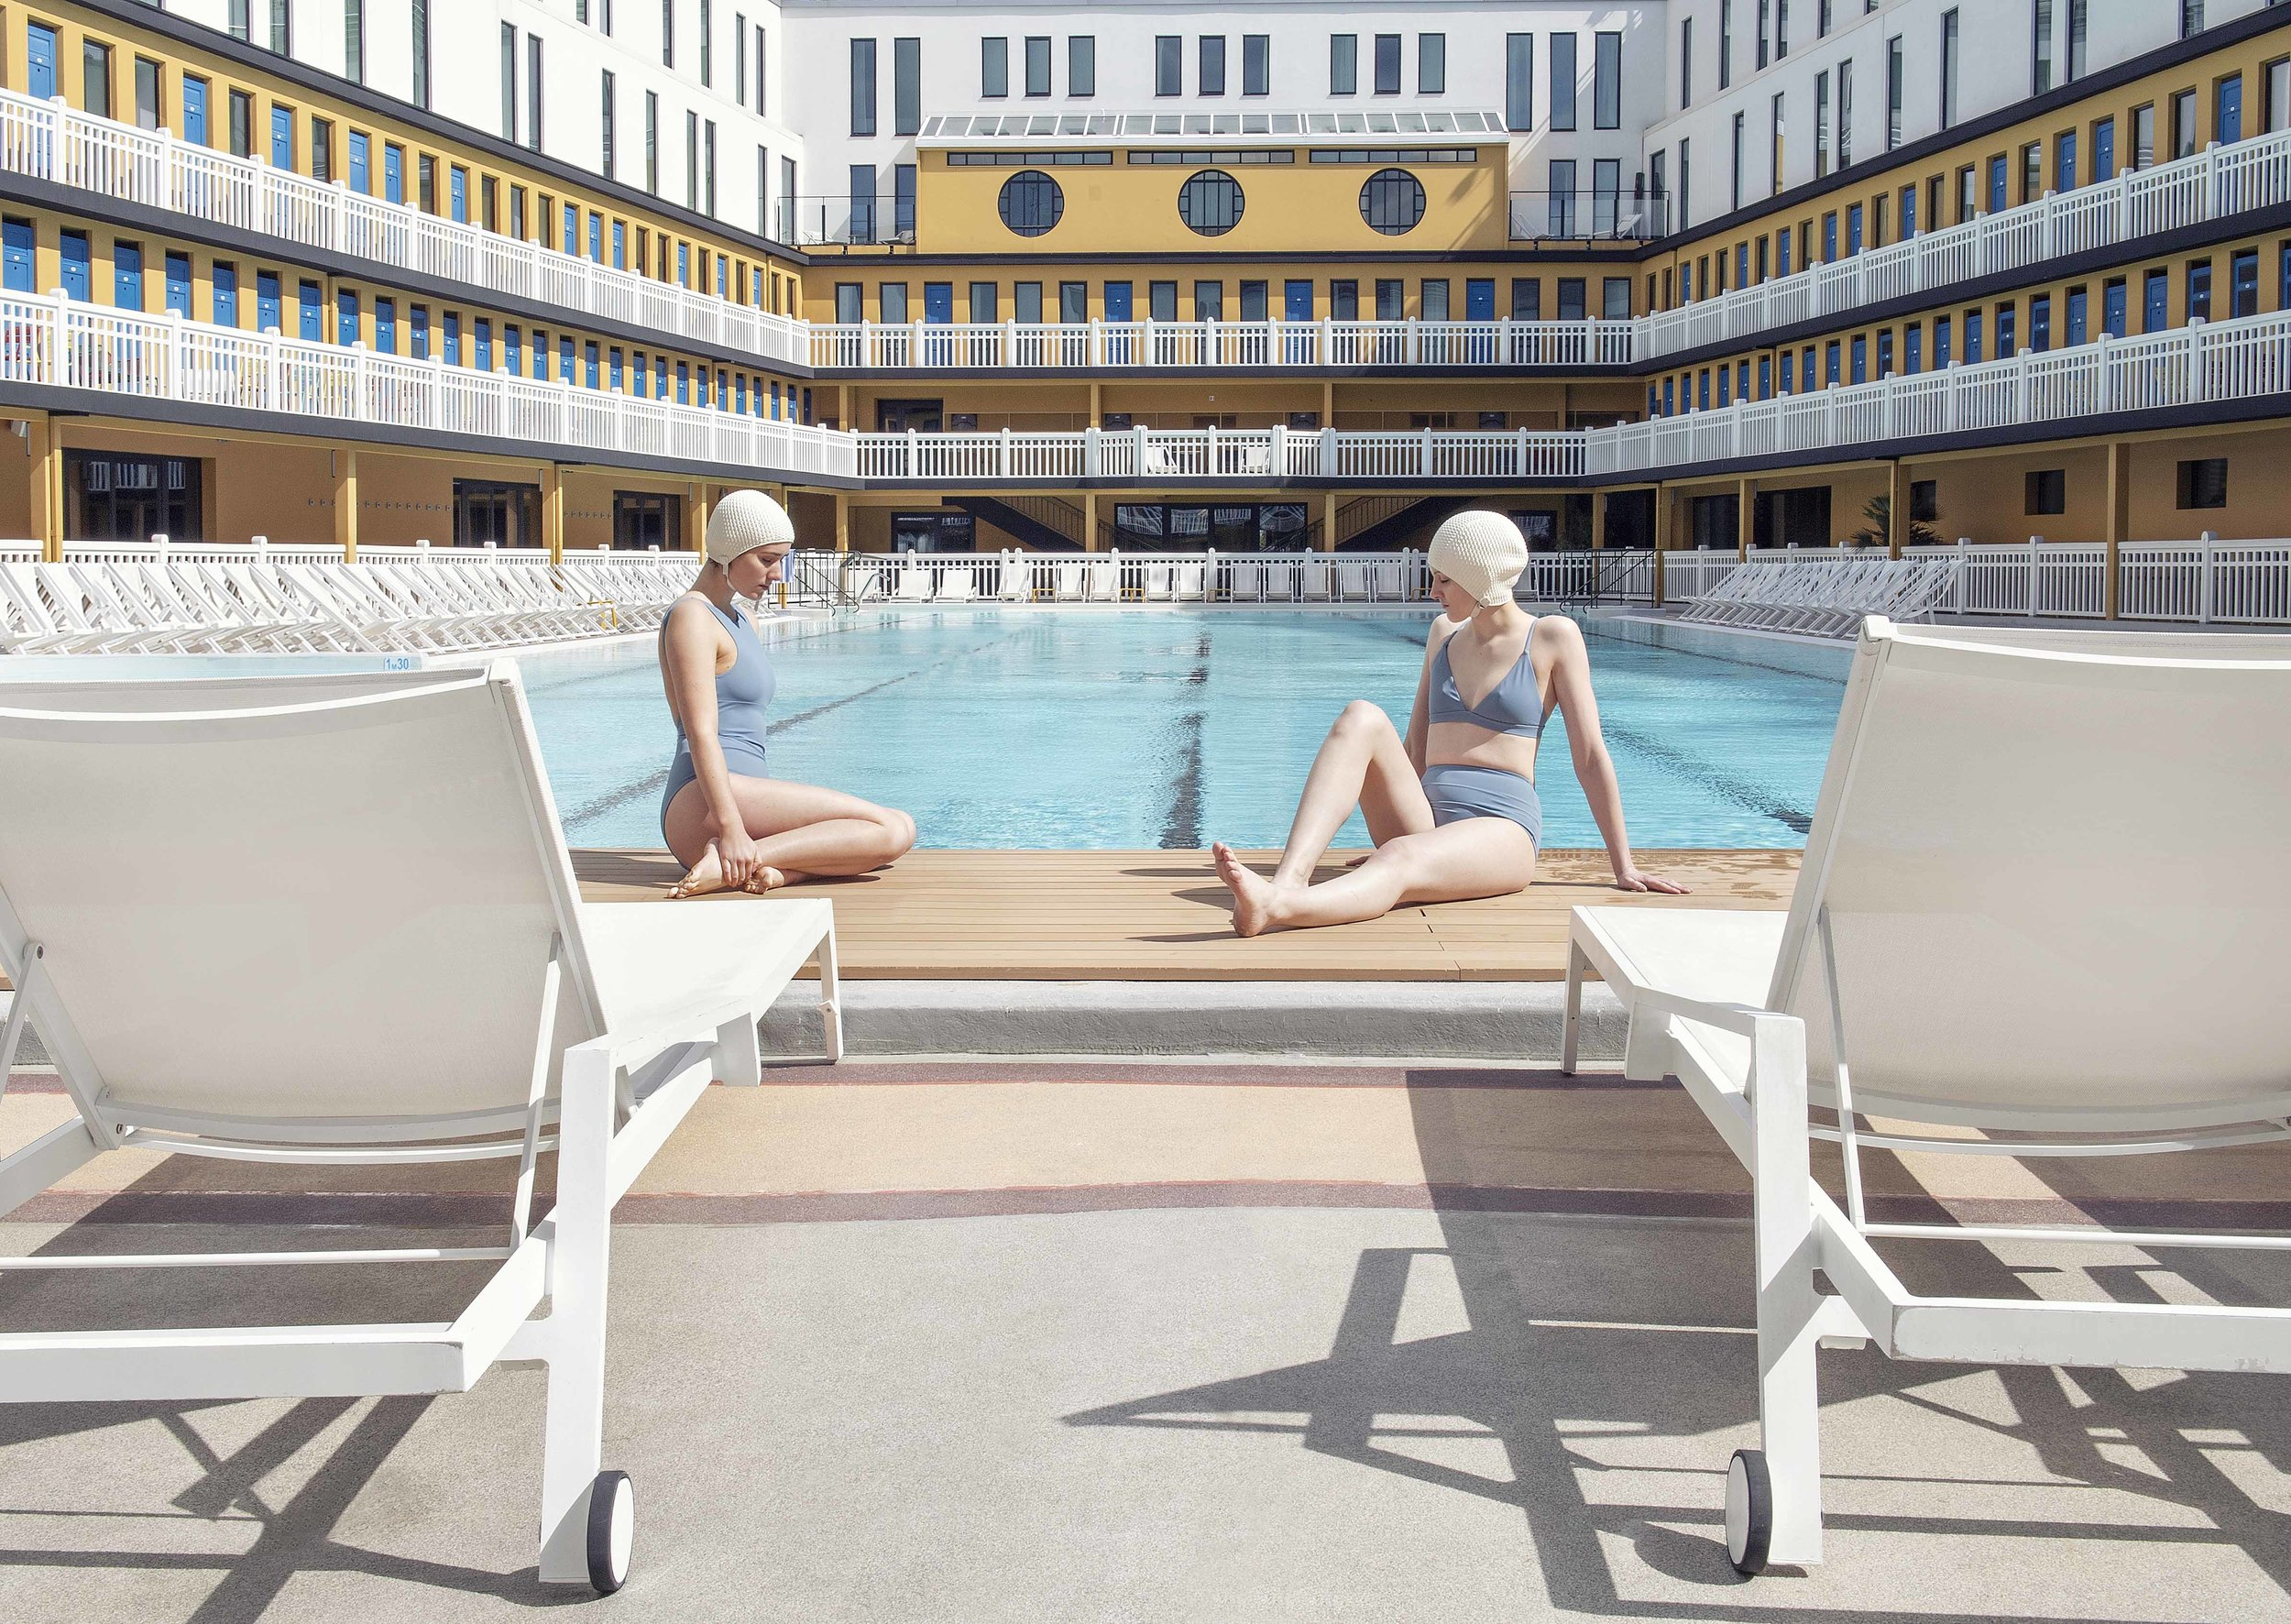 pool girls at molitor.jpg